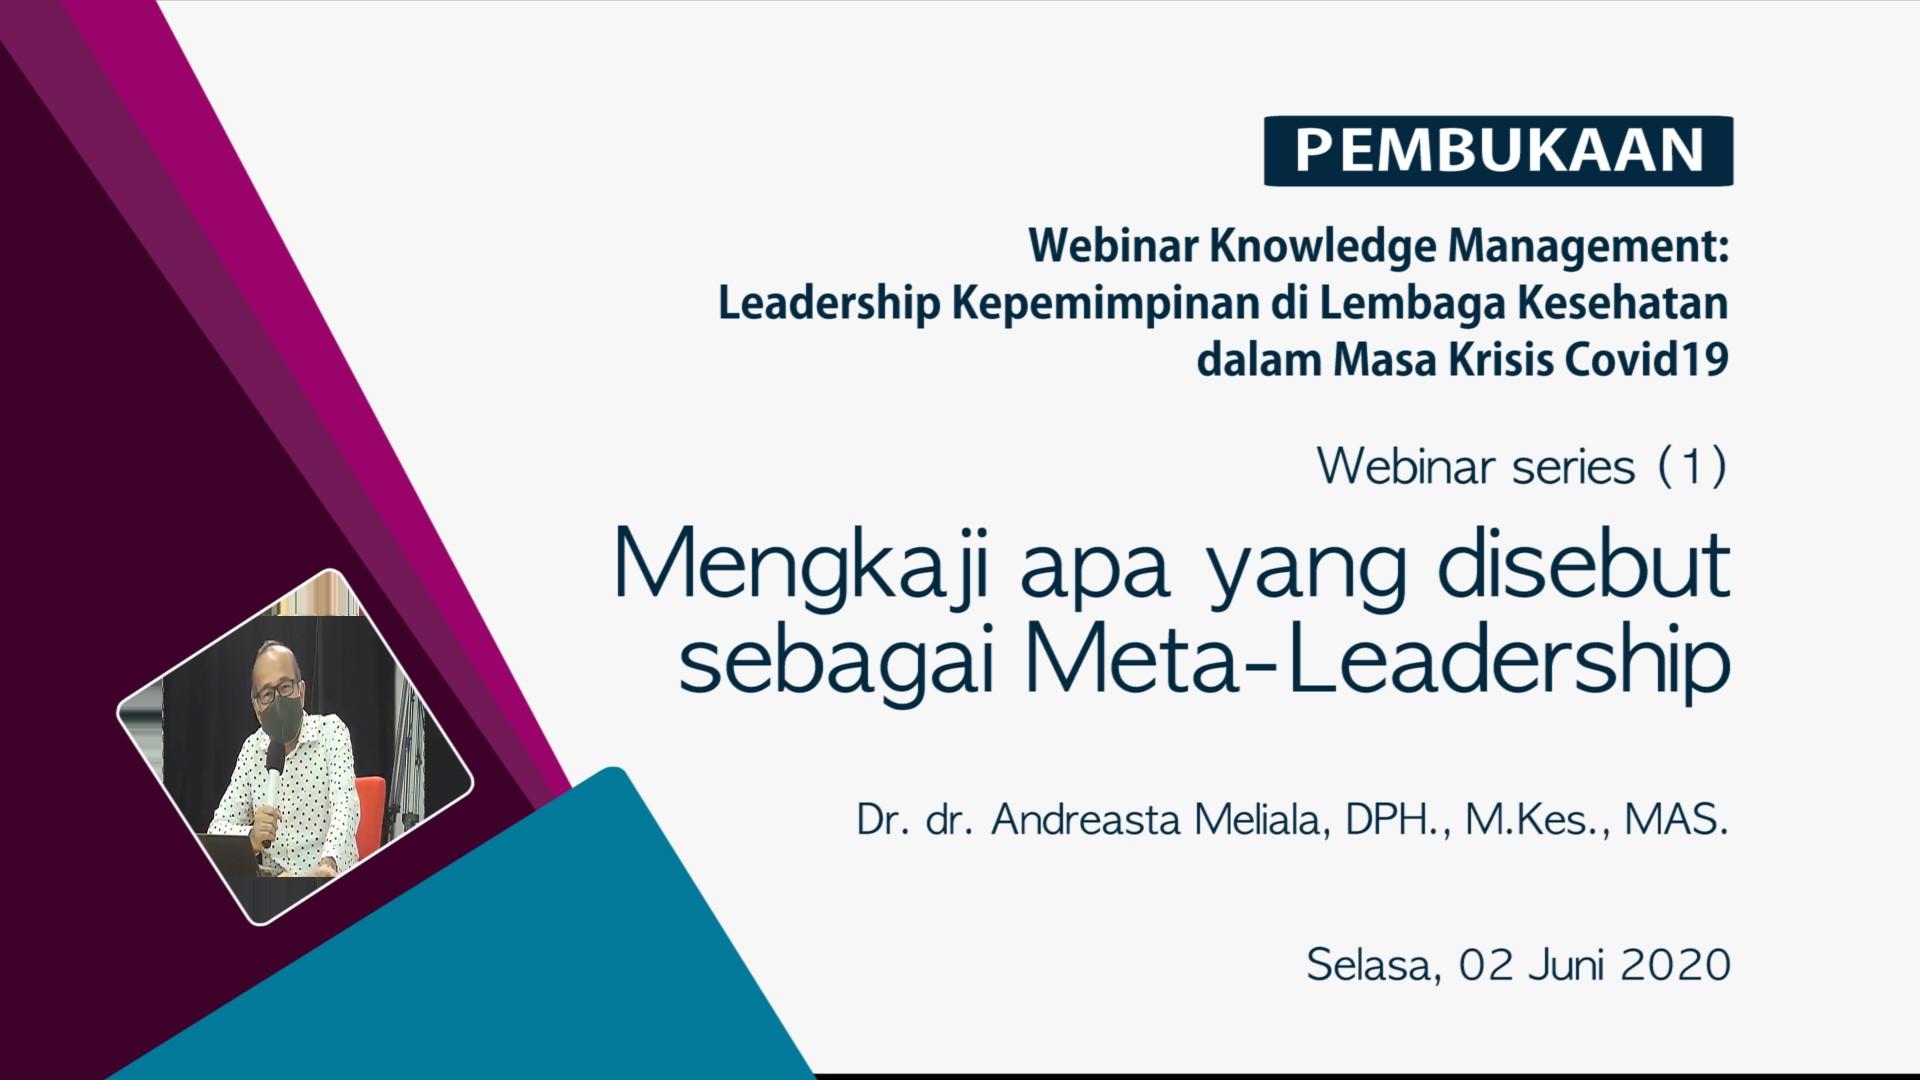 Serial Webinar Knowledge Management  Pertemuan 1: Selasa, 2 Juni 2020, 13.00 – 14.45  Kepemimpinan di Lembaga Kesehatan dalam masa Krisis Covid19: Mengkaji apa yang disebut sebagai Meta-Leadership